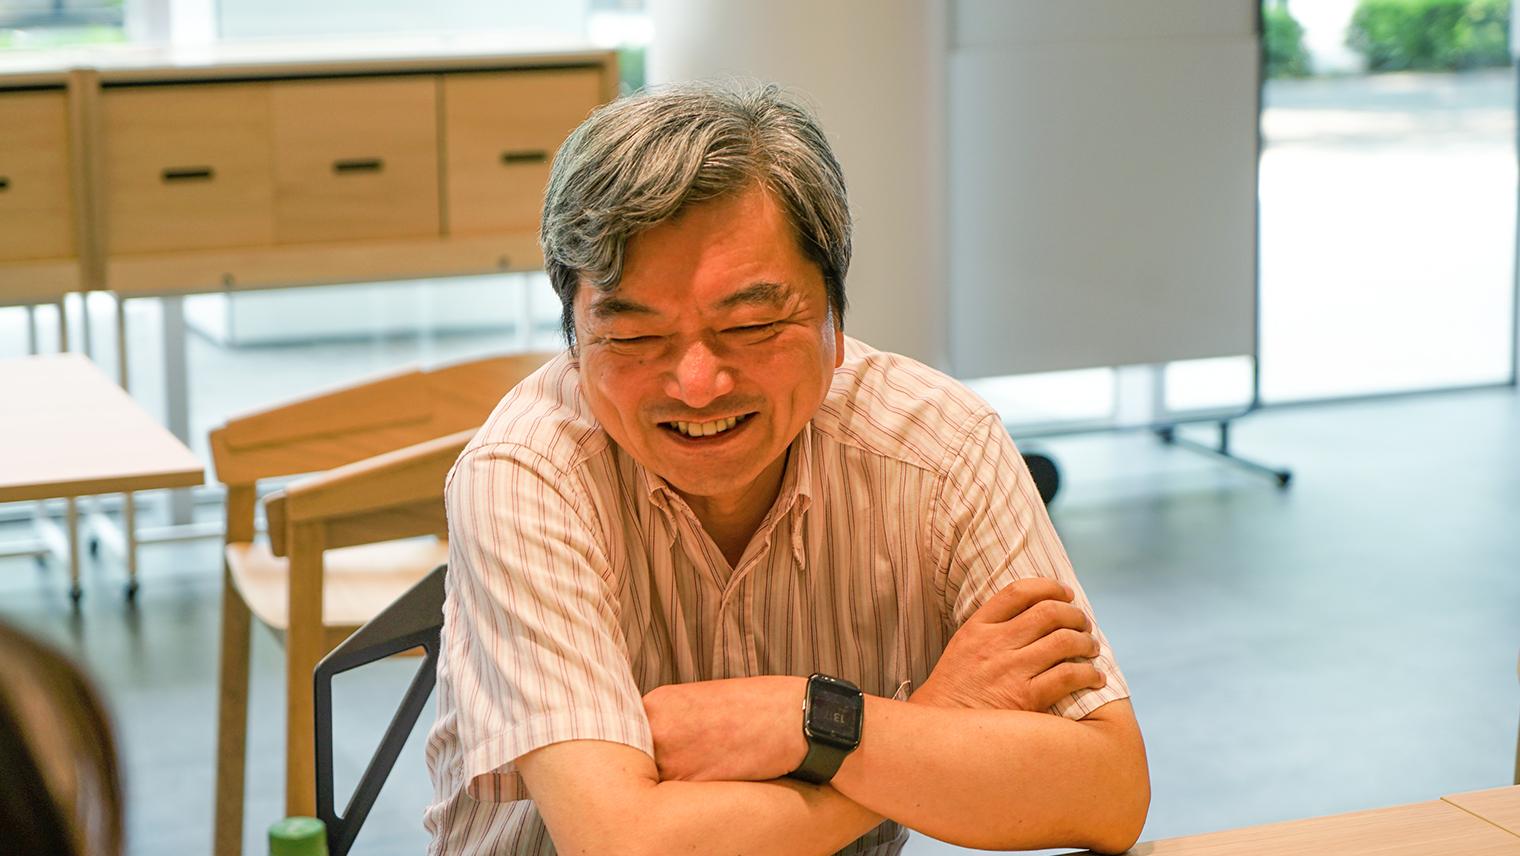 吉田真さん 京セラ株式会社 研究開発本部 メディカル開発センター所長